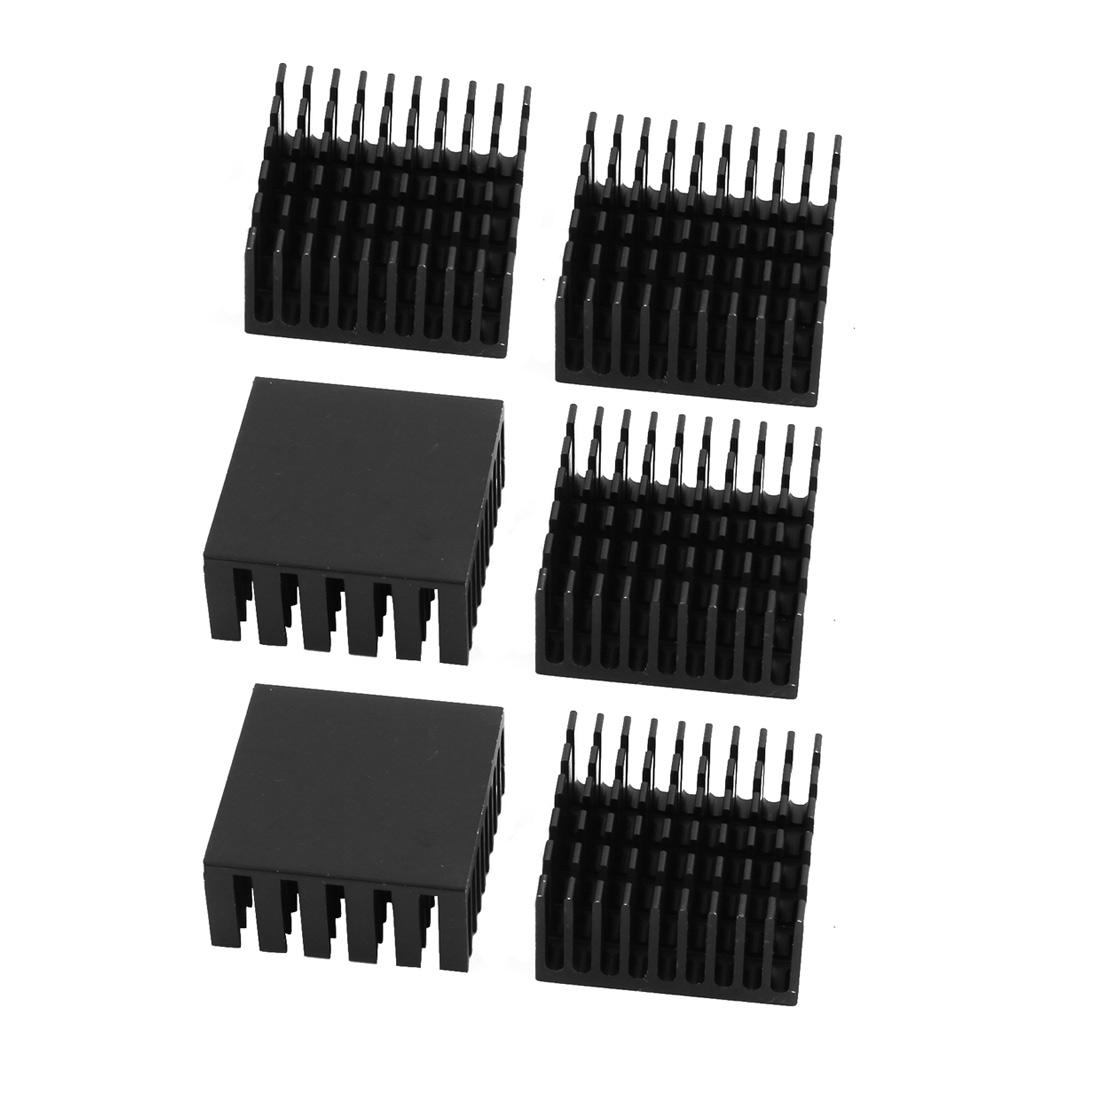 6Pcs 25mmx25mmx12mm Aluminum Heatsink Heat Diffuse Cooling Fin Black